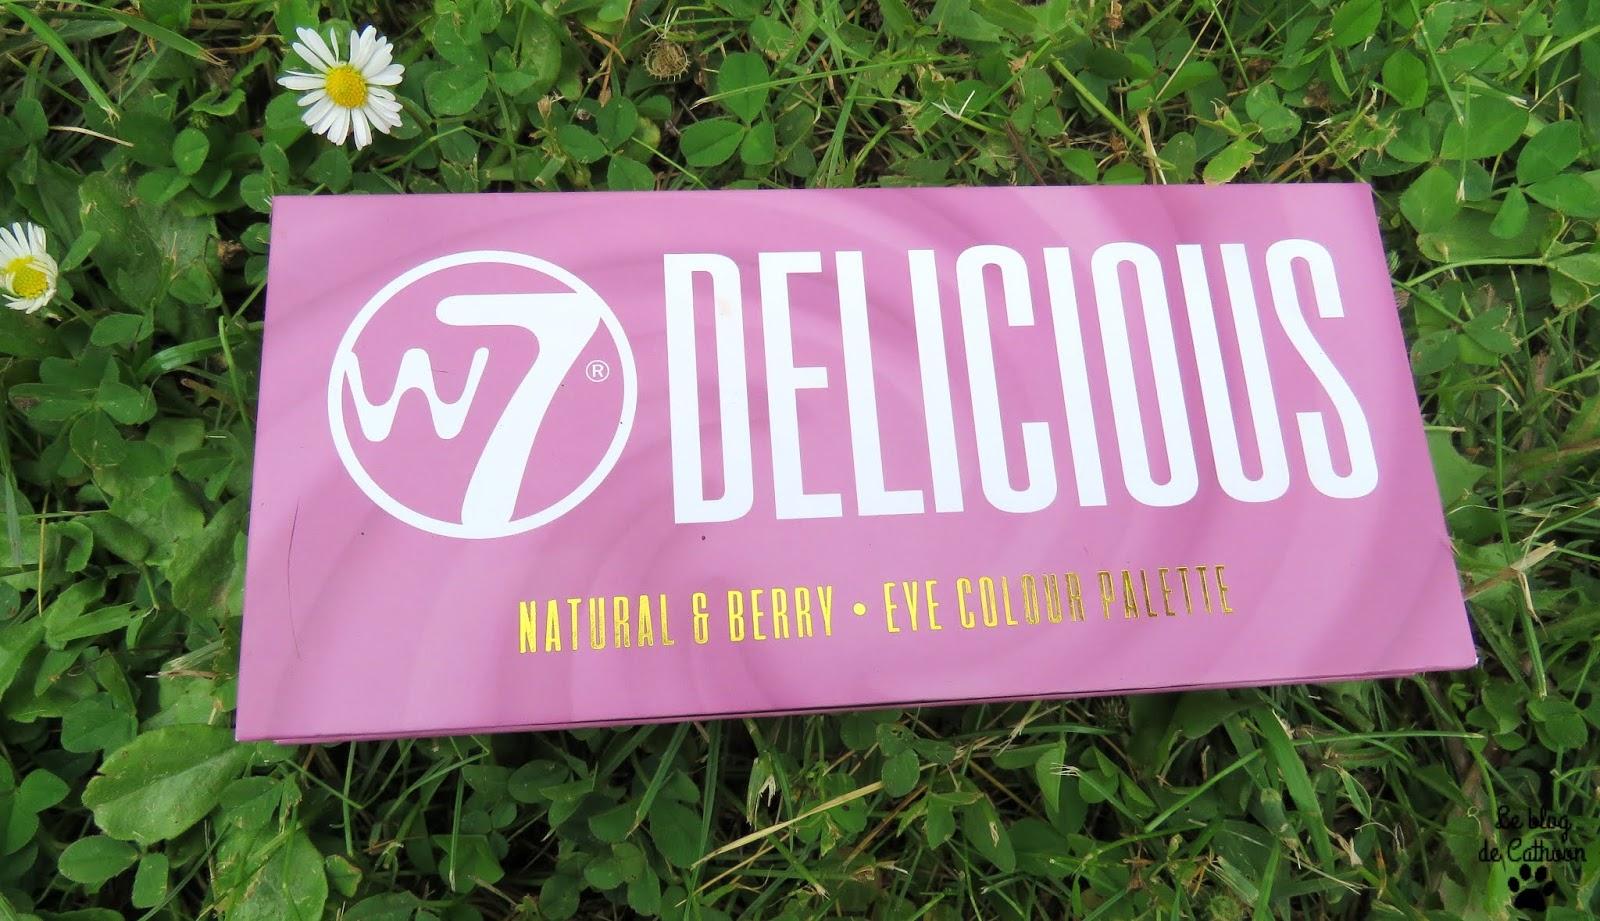 Delicious Natural & Berry - Palette de fard à paupières - W7